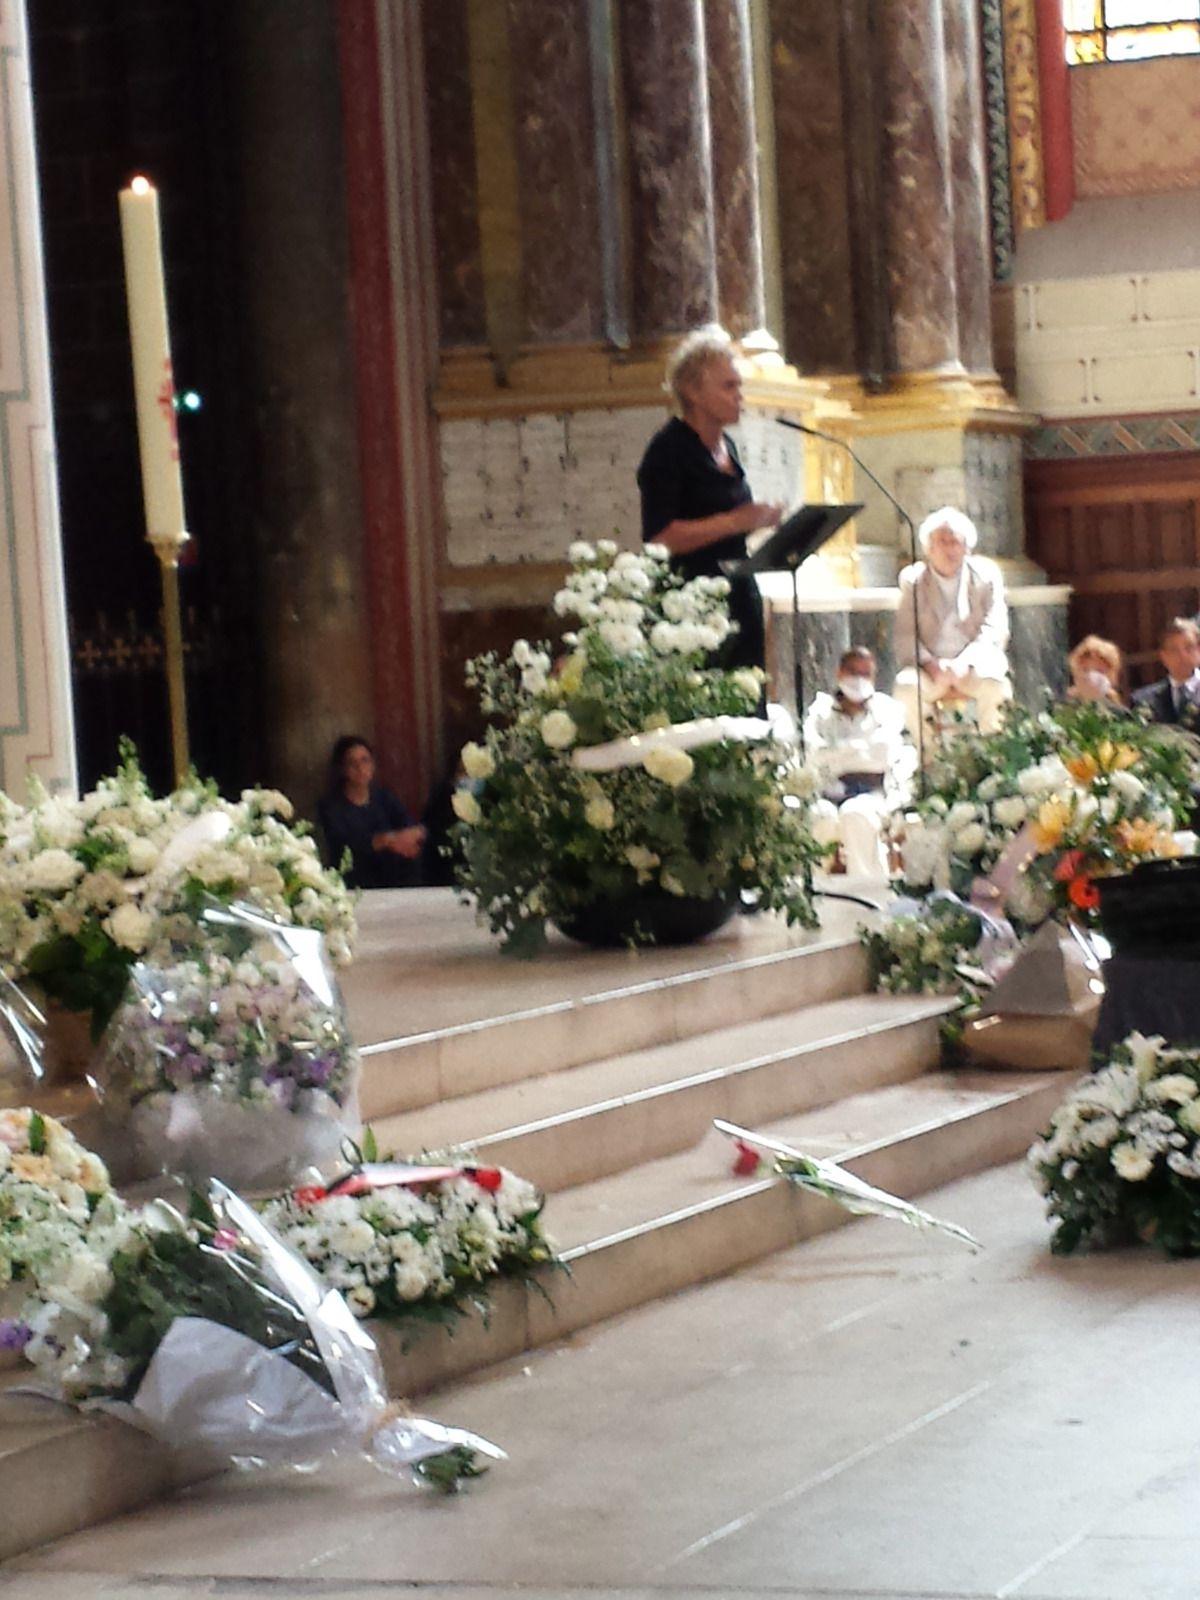 GUY BEDOS HOMMAGES à l'église SAINT-GERMAIN-DES-PRES à PARIS (04/06/2020)